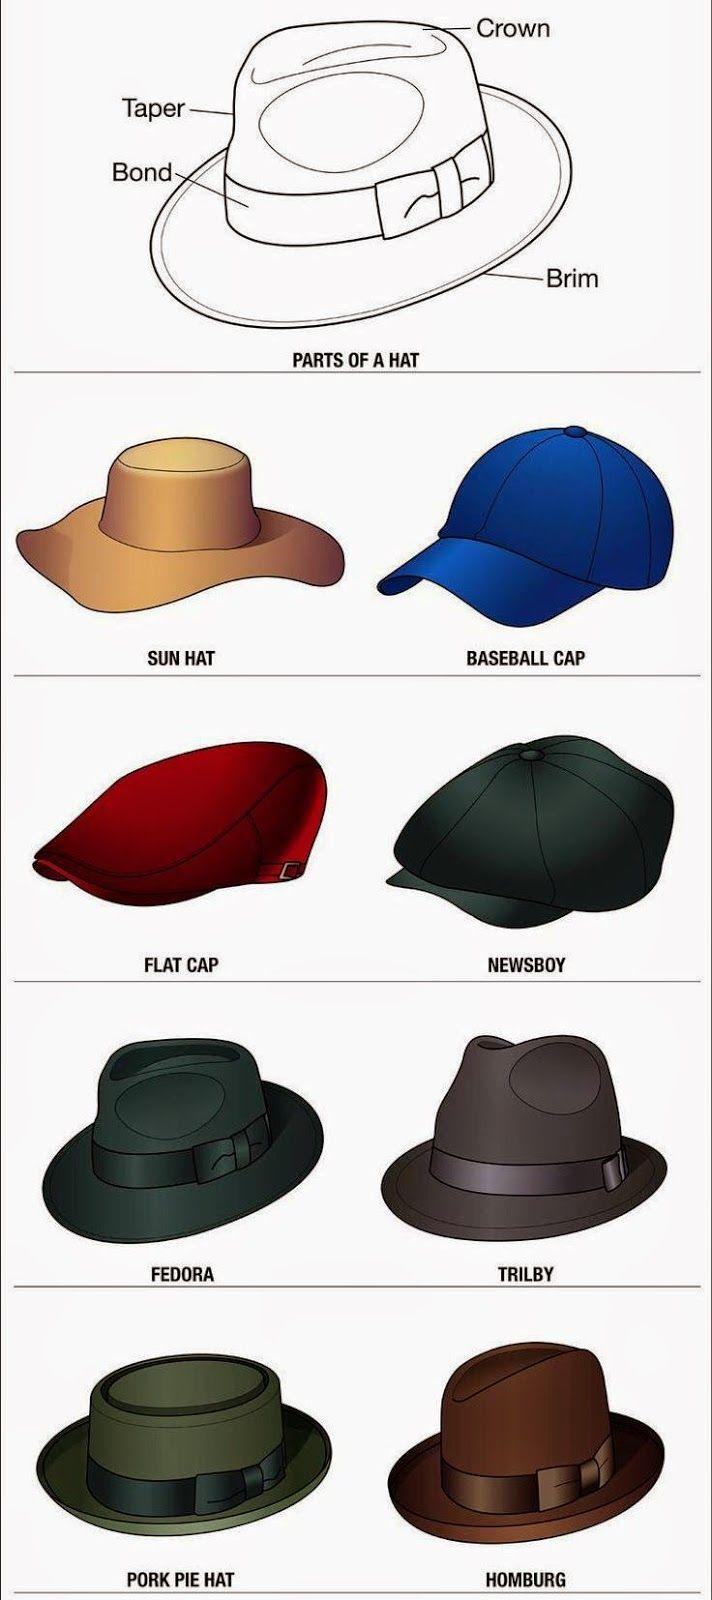 Nama macam-macam Topi Laki-laki / Pria yang populer di dunia